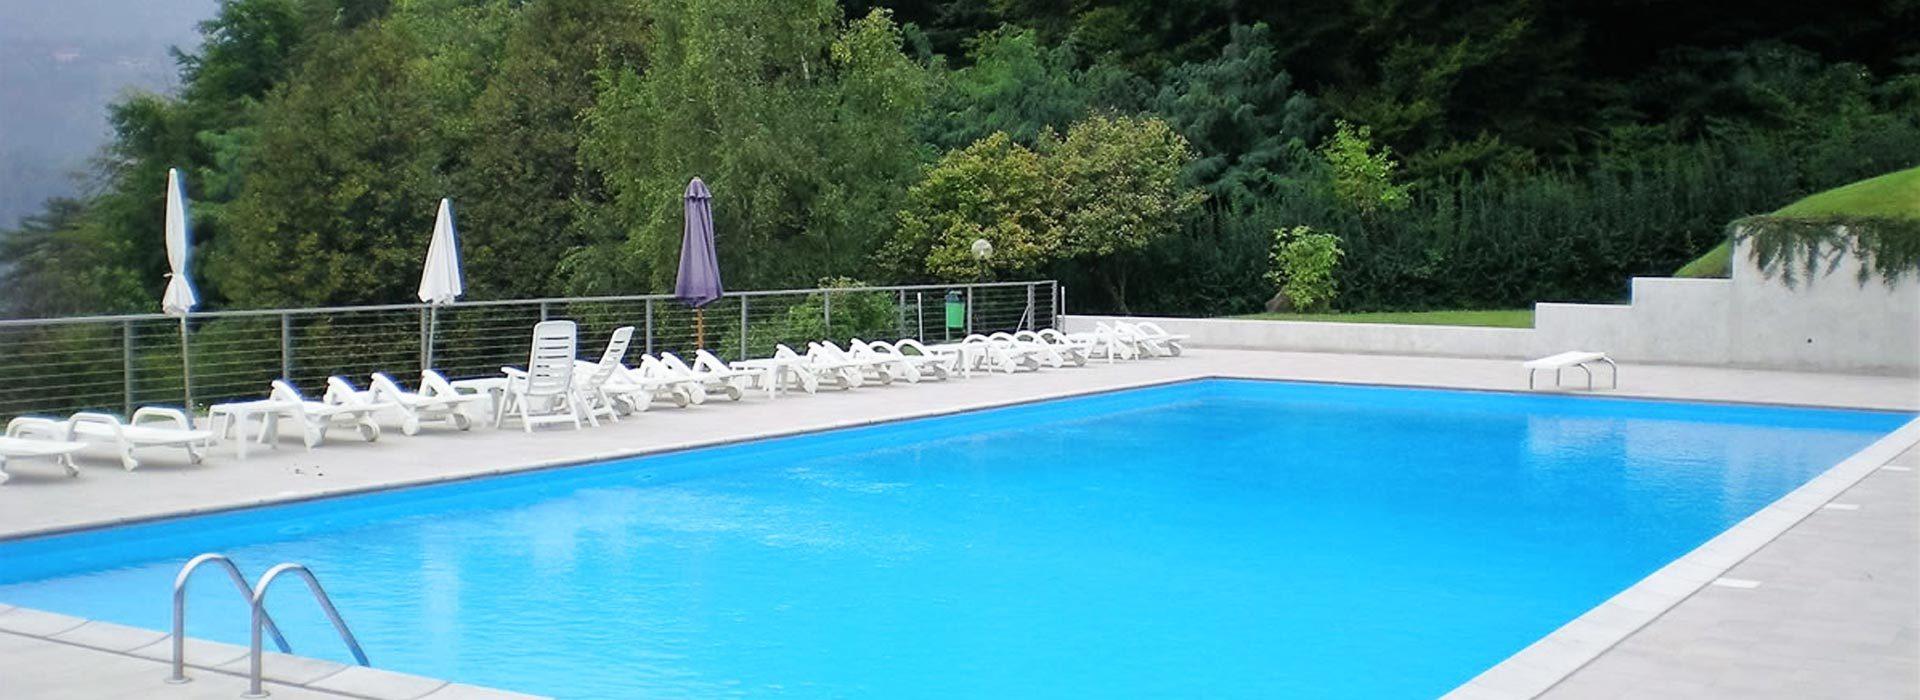 Casa Vacanze Lago Como Maneggio Terrazze 1